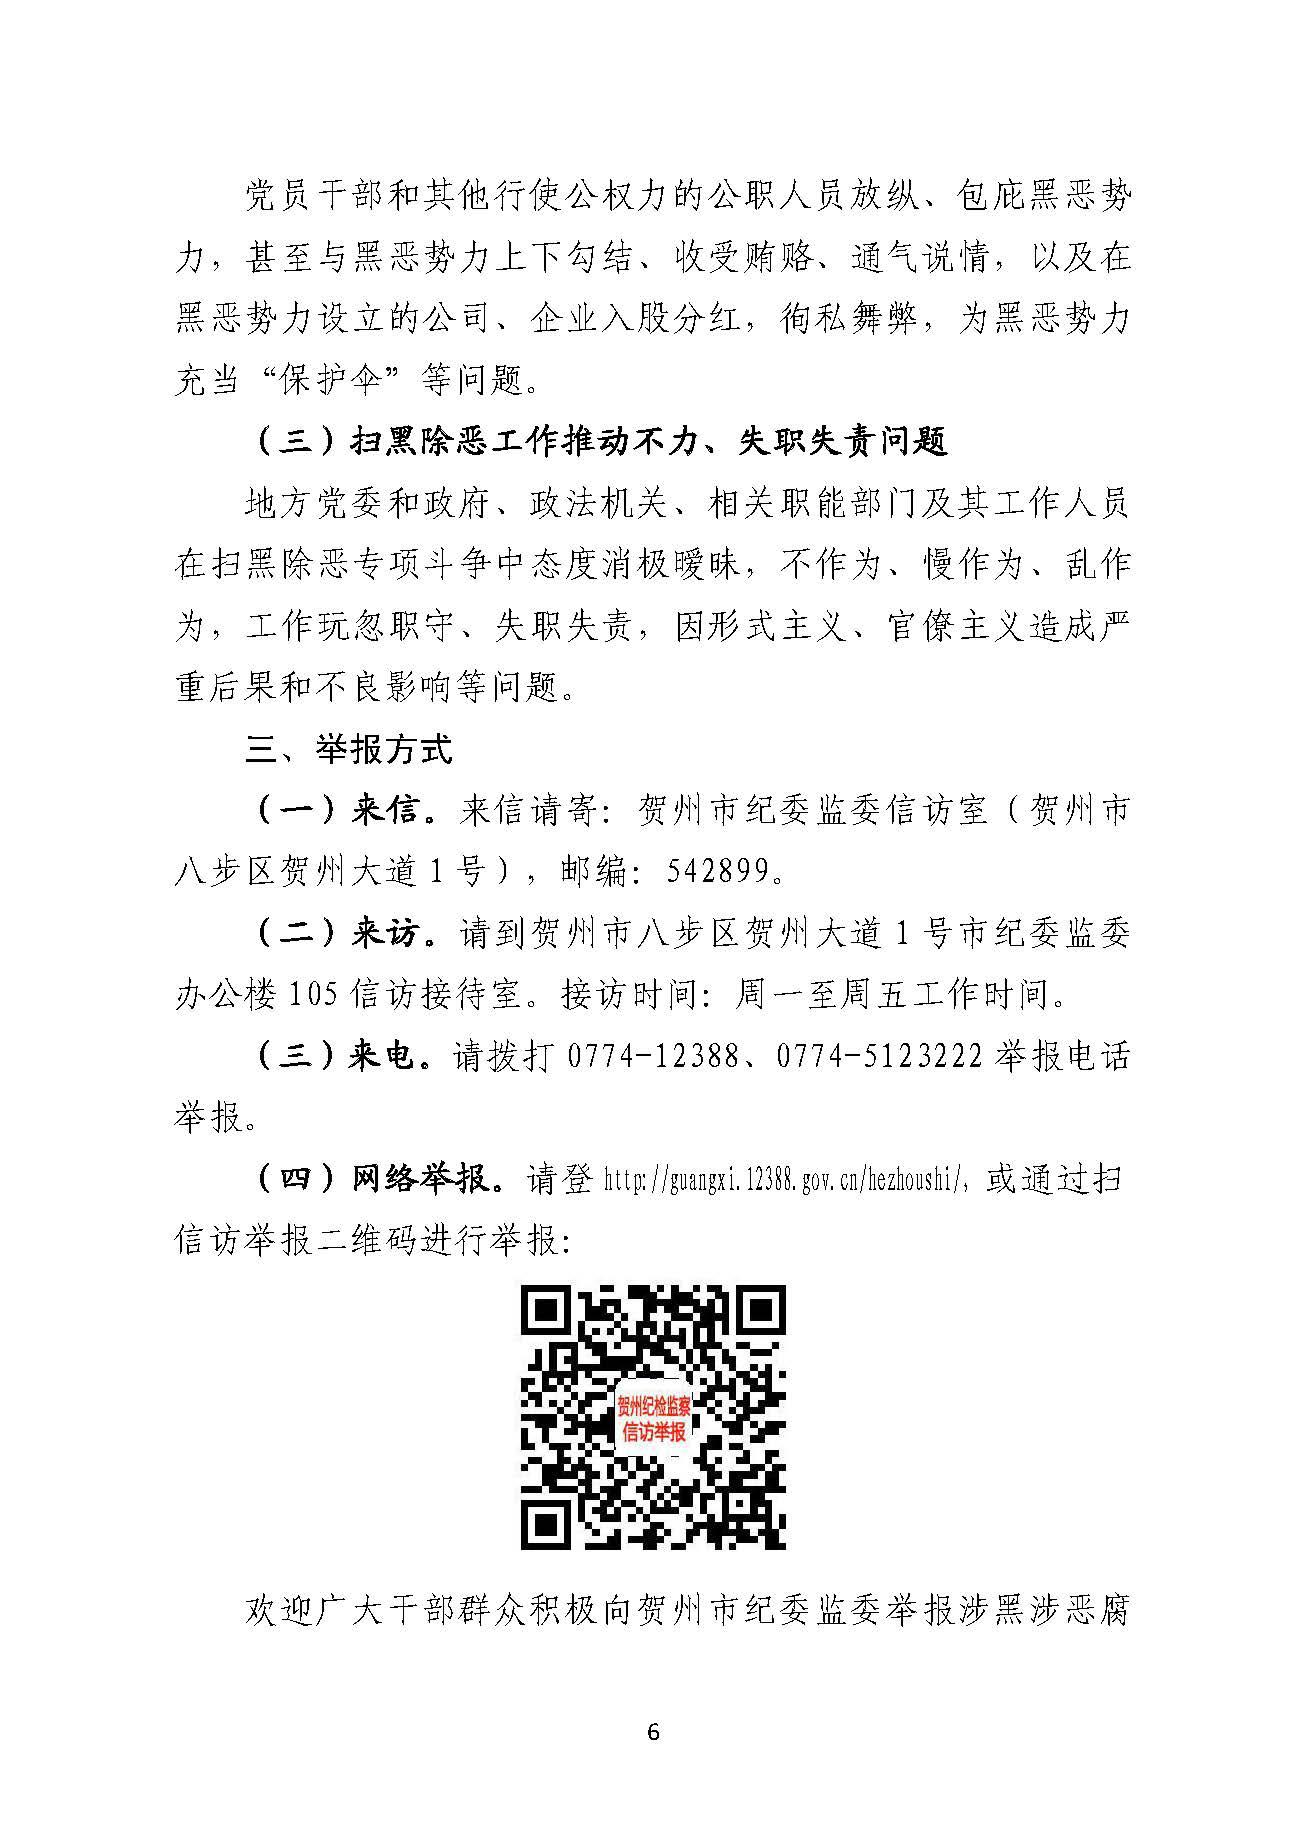 关于进一步加强扫黑除恶专项斗争监督执纪问责宣传工作的通知2_页面_6.jpg